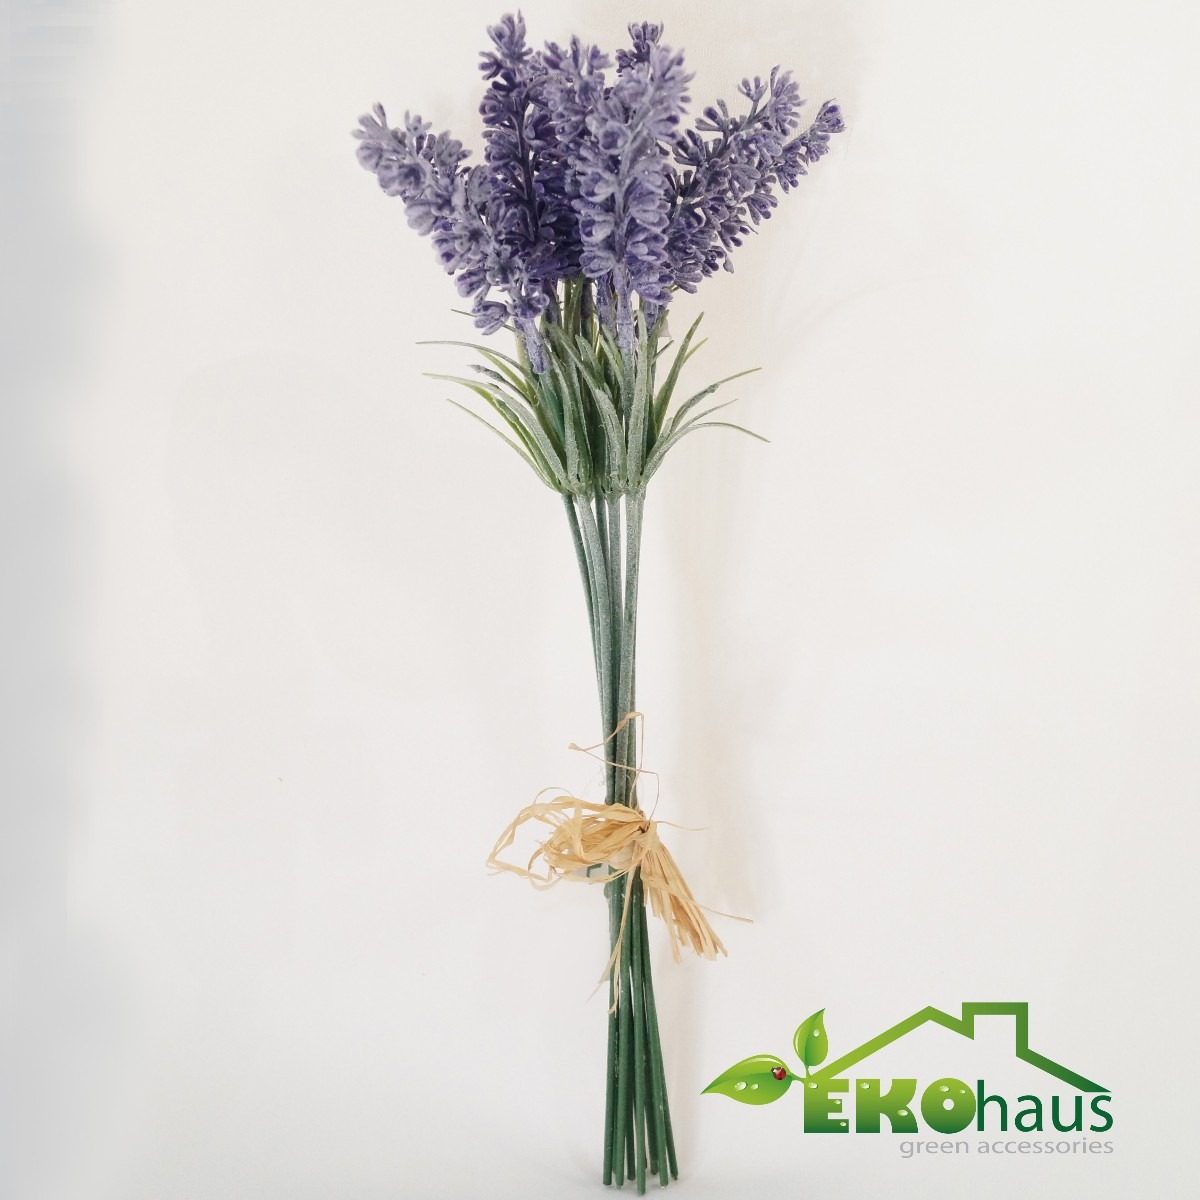 Lavanda flores plantas artificiales decoraci n en mercado libre - Plantas artificiales para decoracion ...